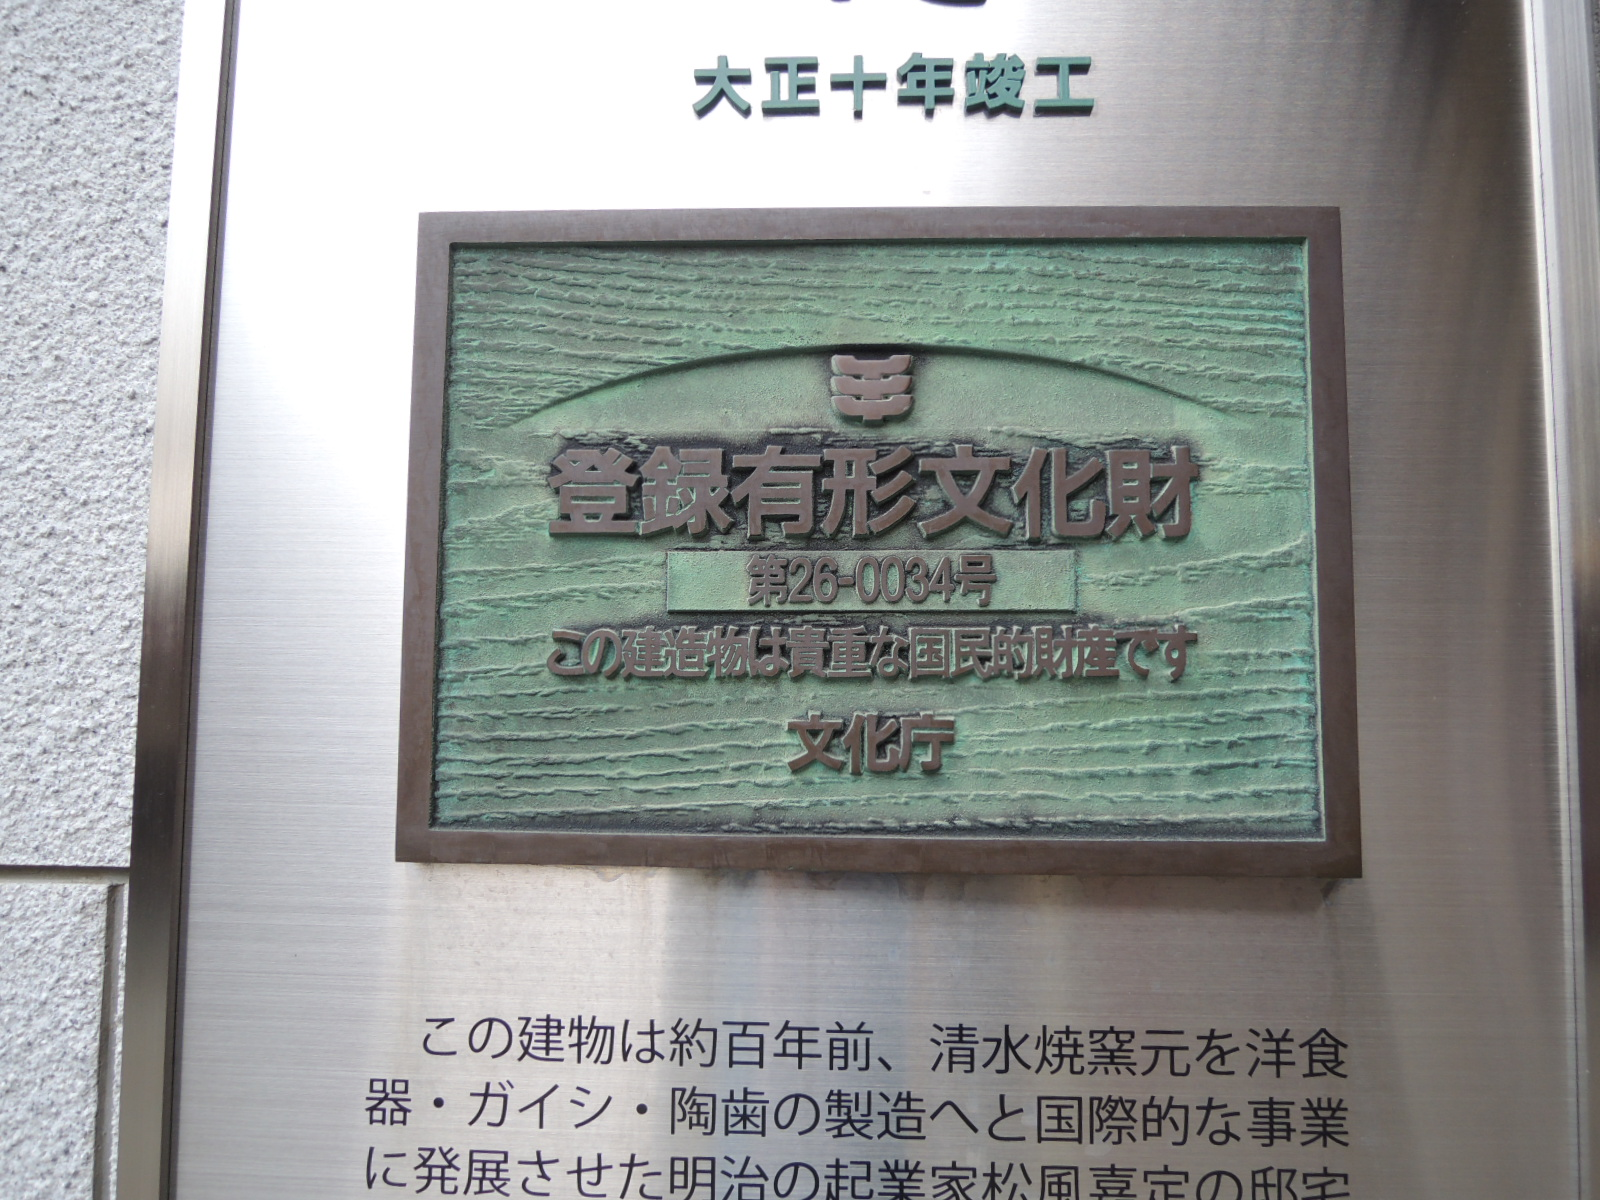 DSCN5619.JPG